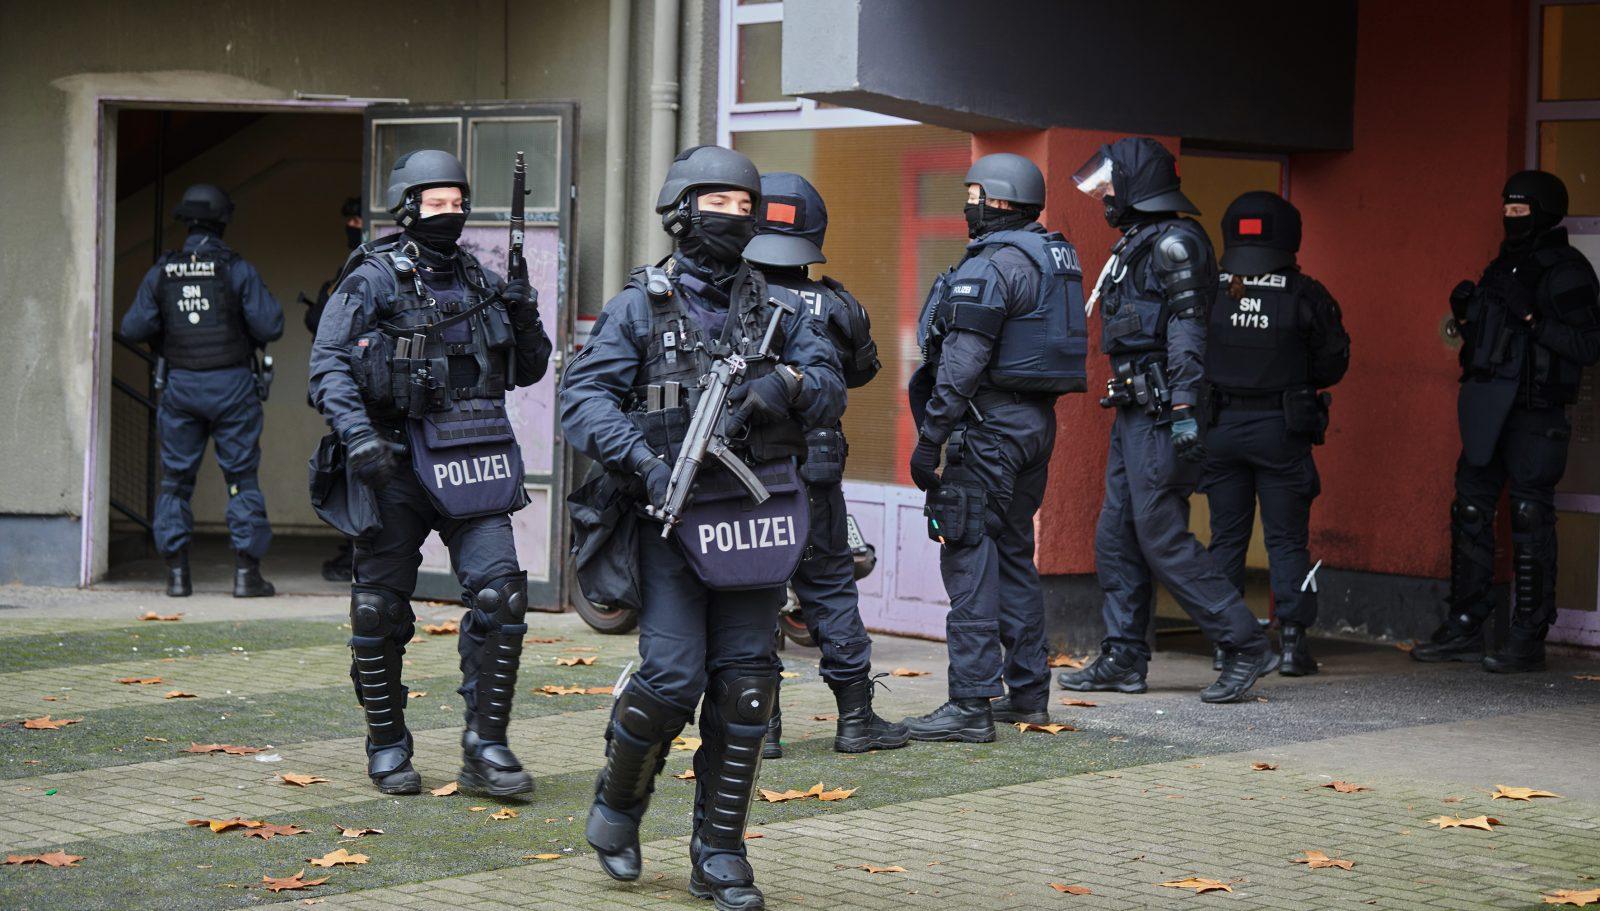 Polizisten bei einer Clan-Razzia im November wegen des Kunstraubs im Grünen Gewölbe in Dresden